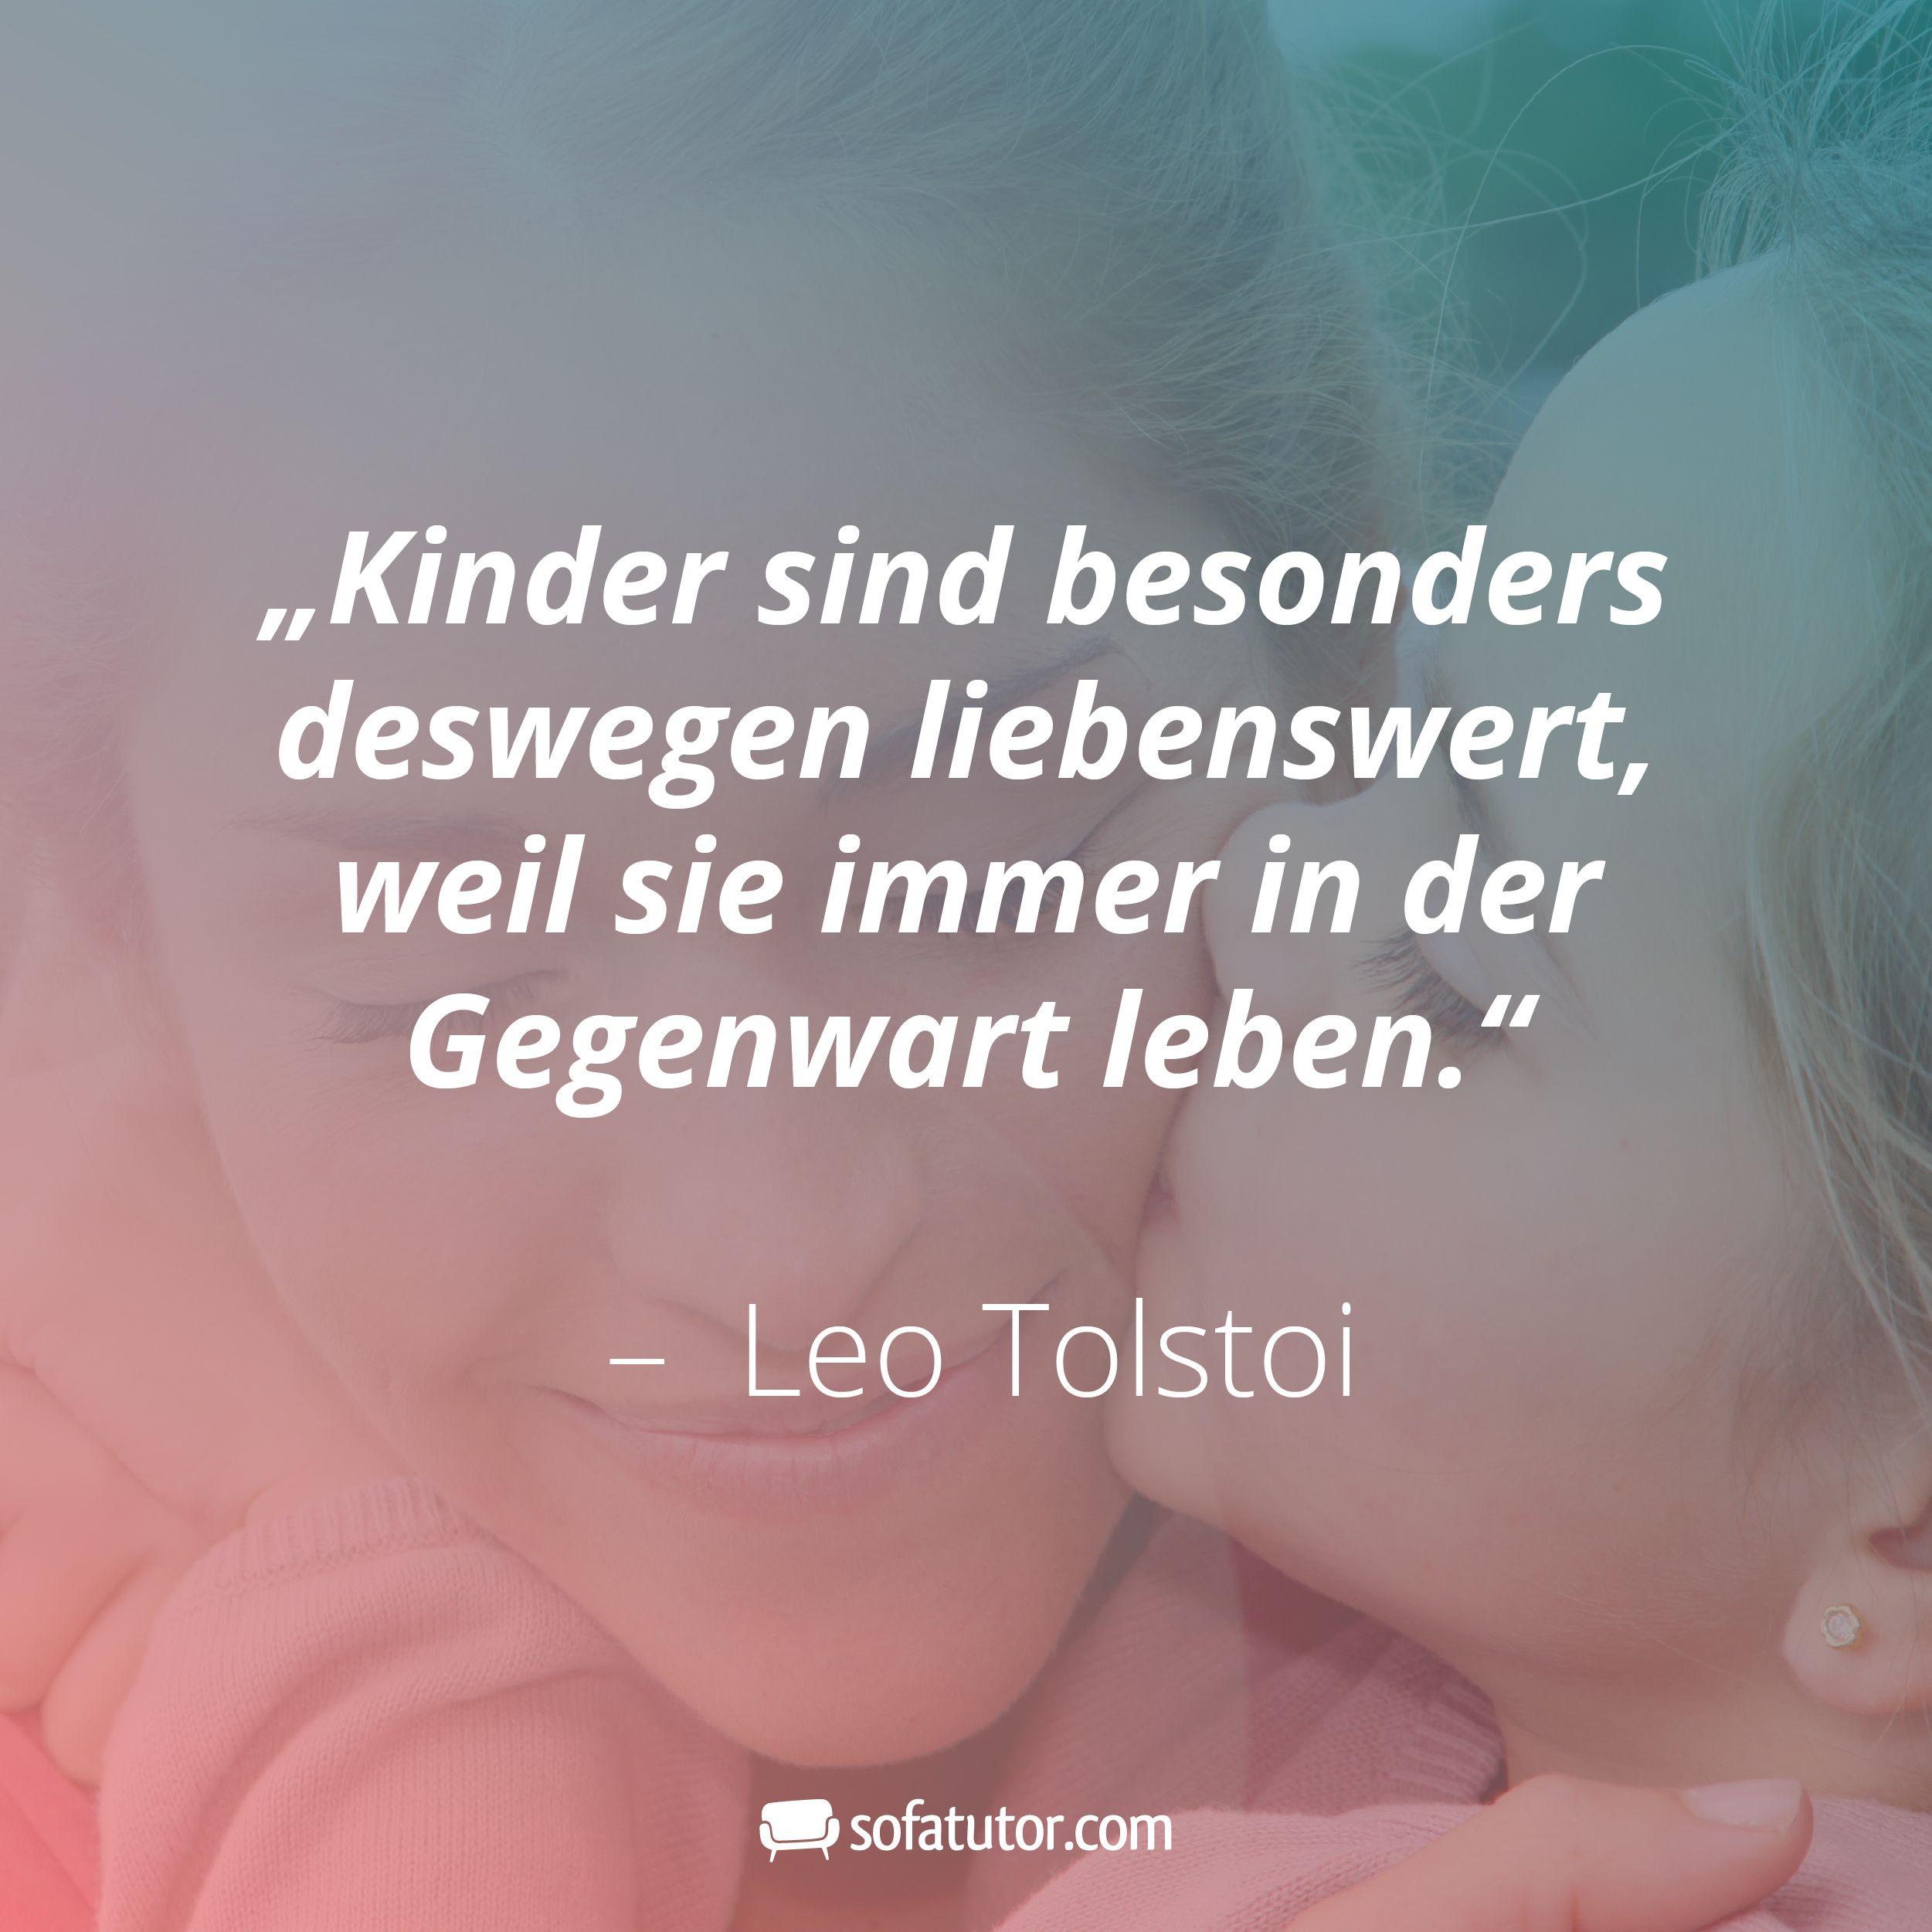 Kinder Sind Besonders Deswegen Liebenswert Weil Sie Immer In Der Gegenwart Leben